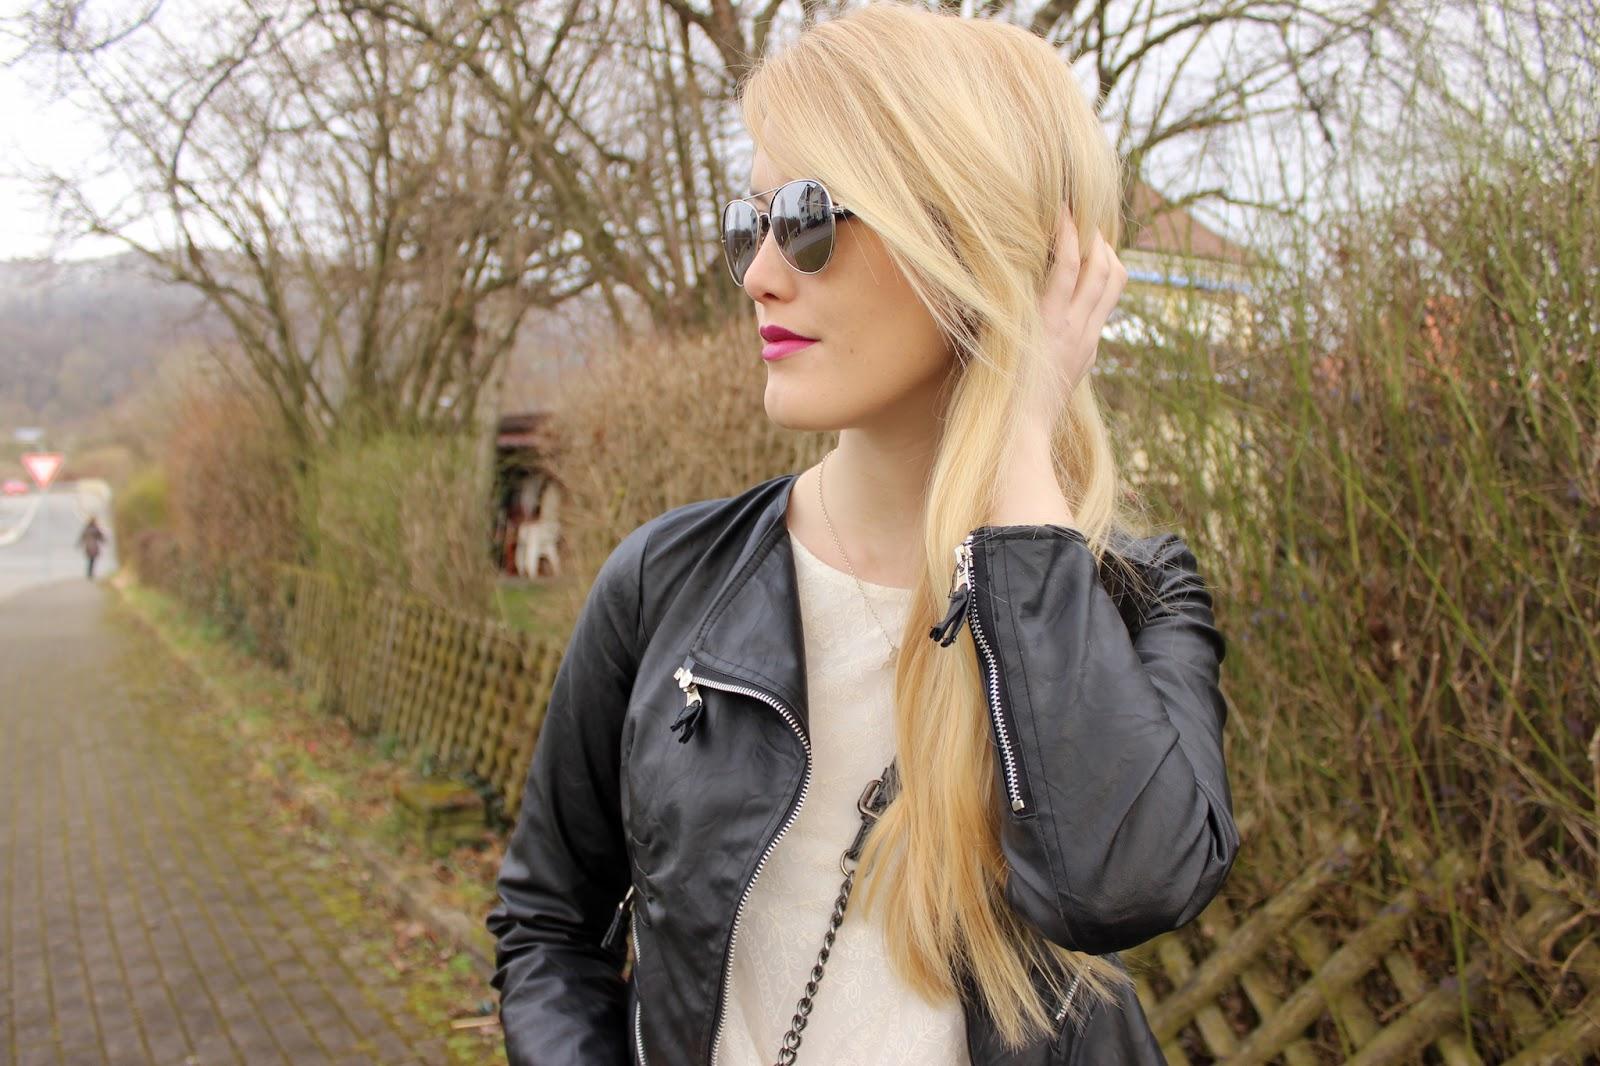 Look TheBlondeLion Biker Chic aviator sunglasses mirrored